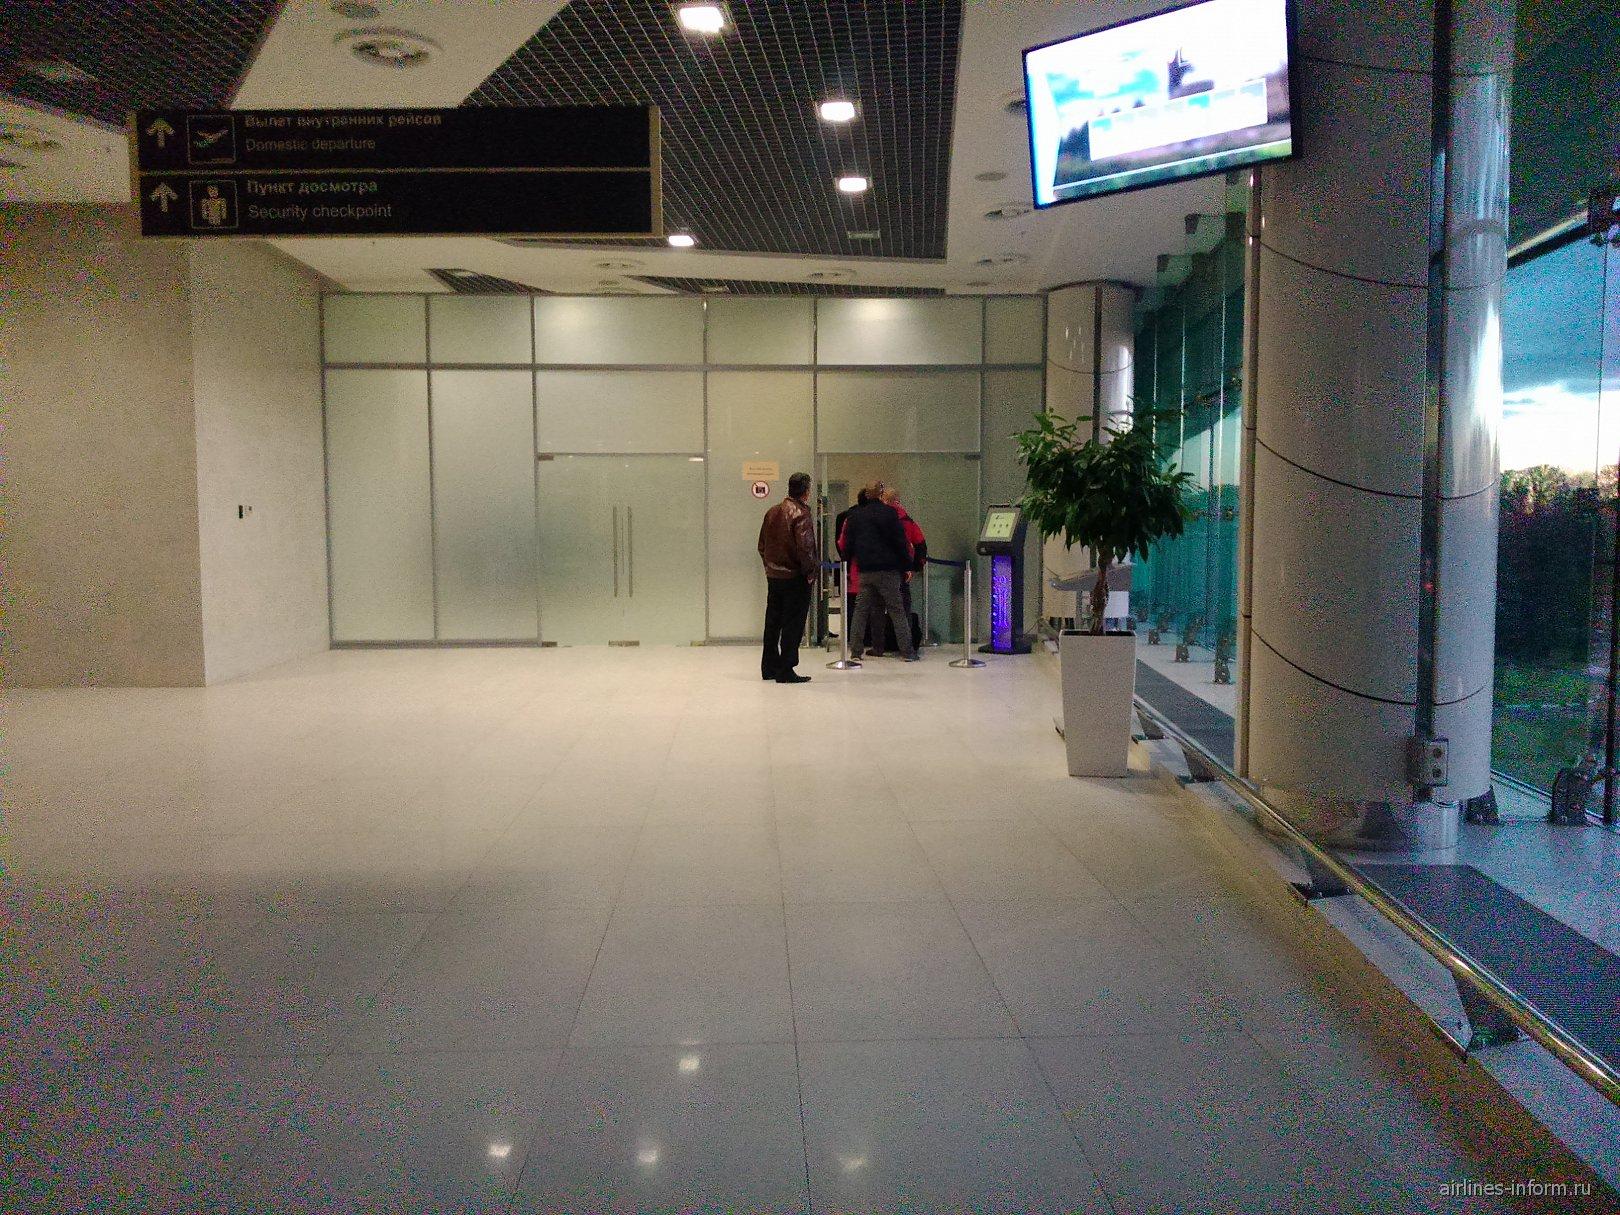 В аэровокзале аэропорта Белгород